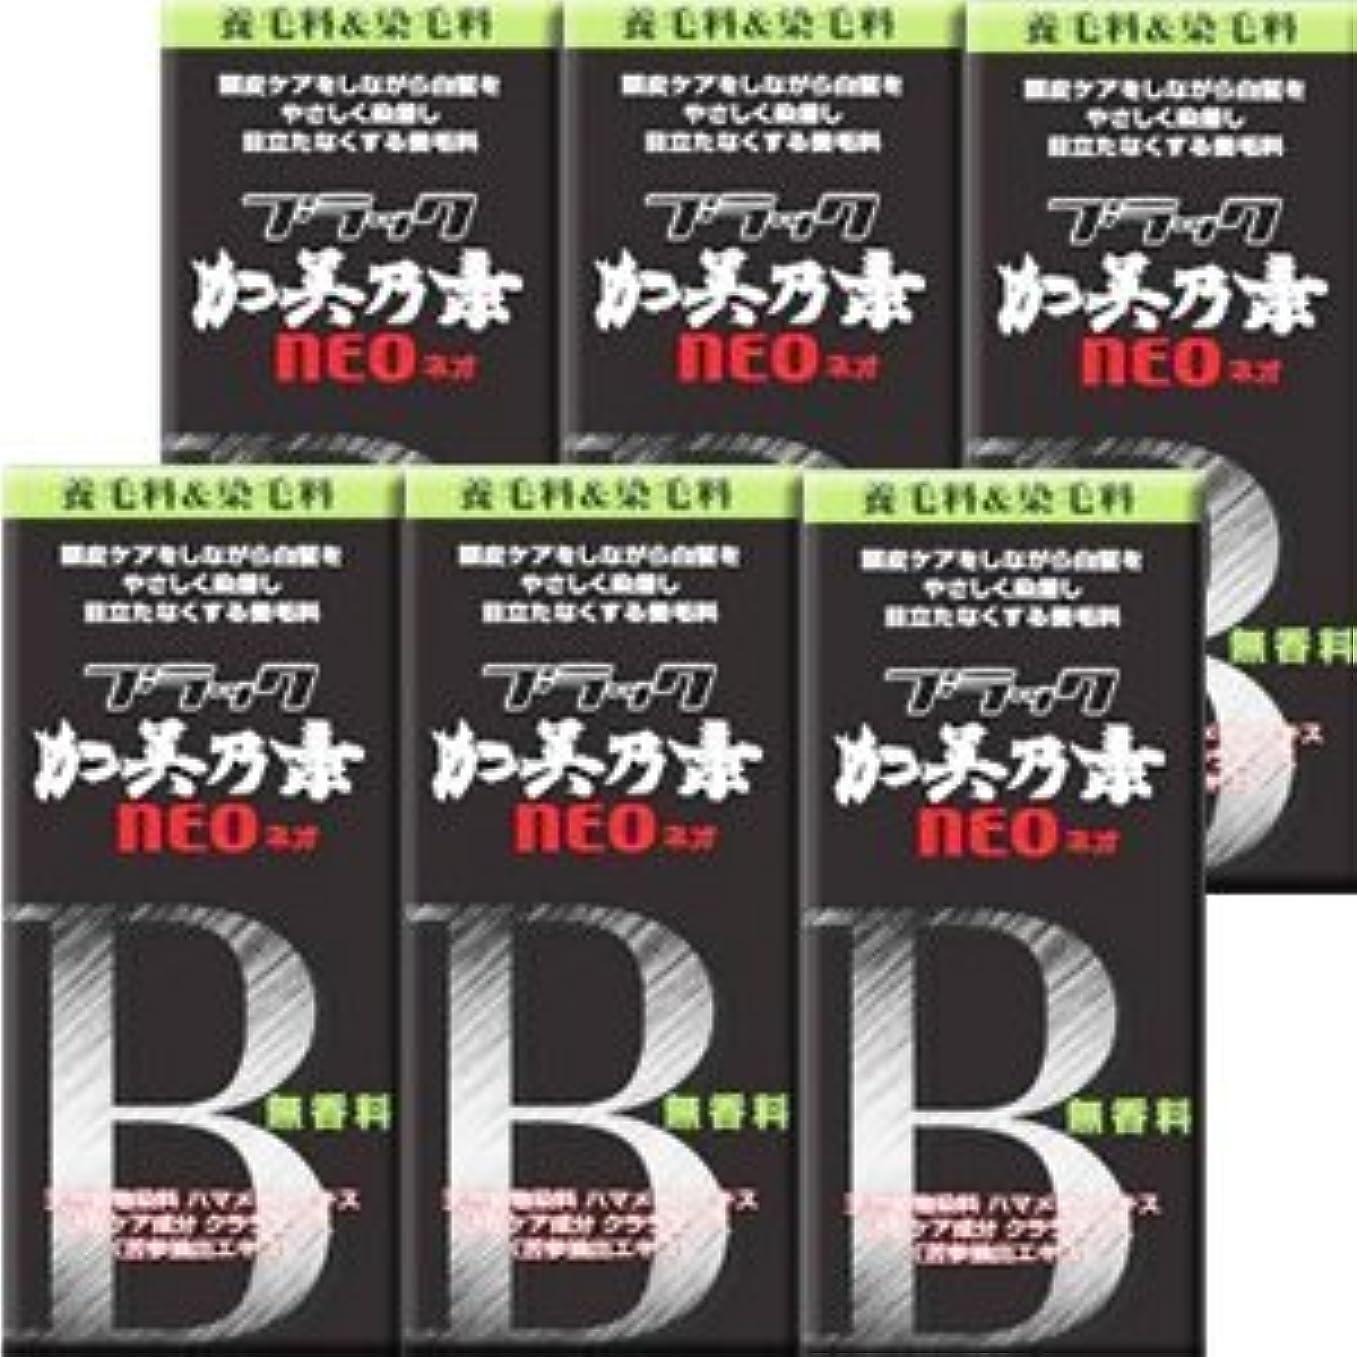 セメント六分儀異常な【6個】 ブラック加美乃素NEO 無香料 150mlx6個 (4987046370105)